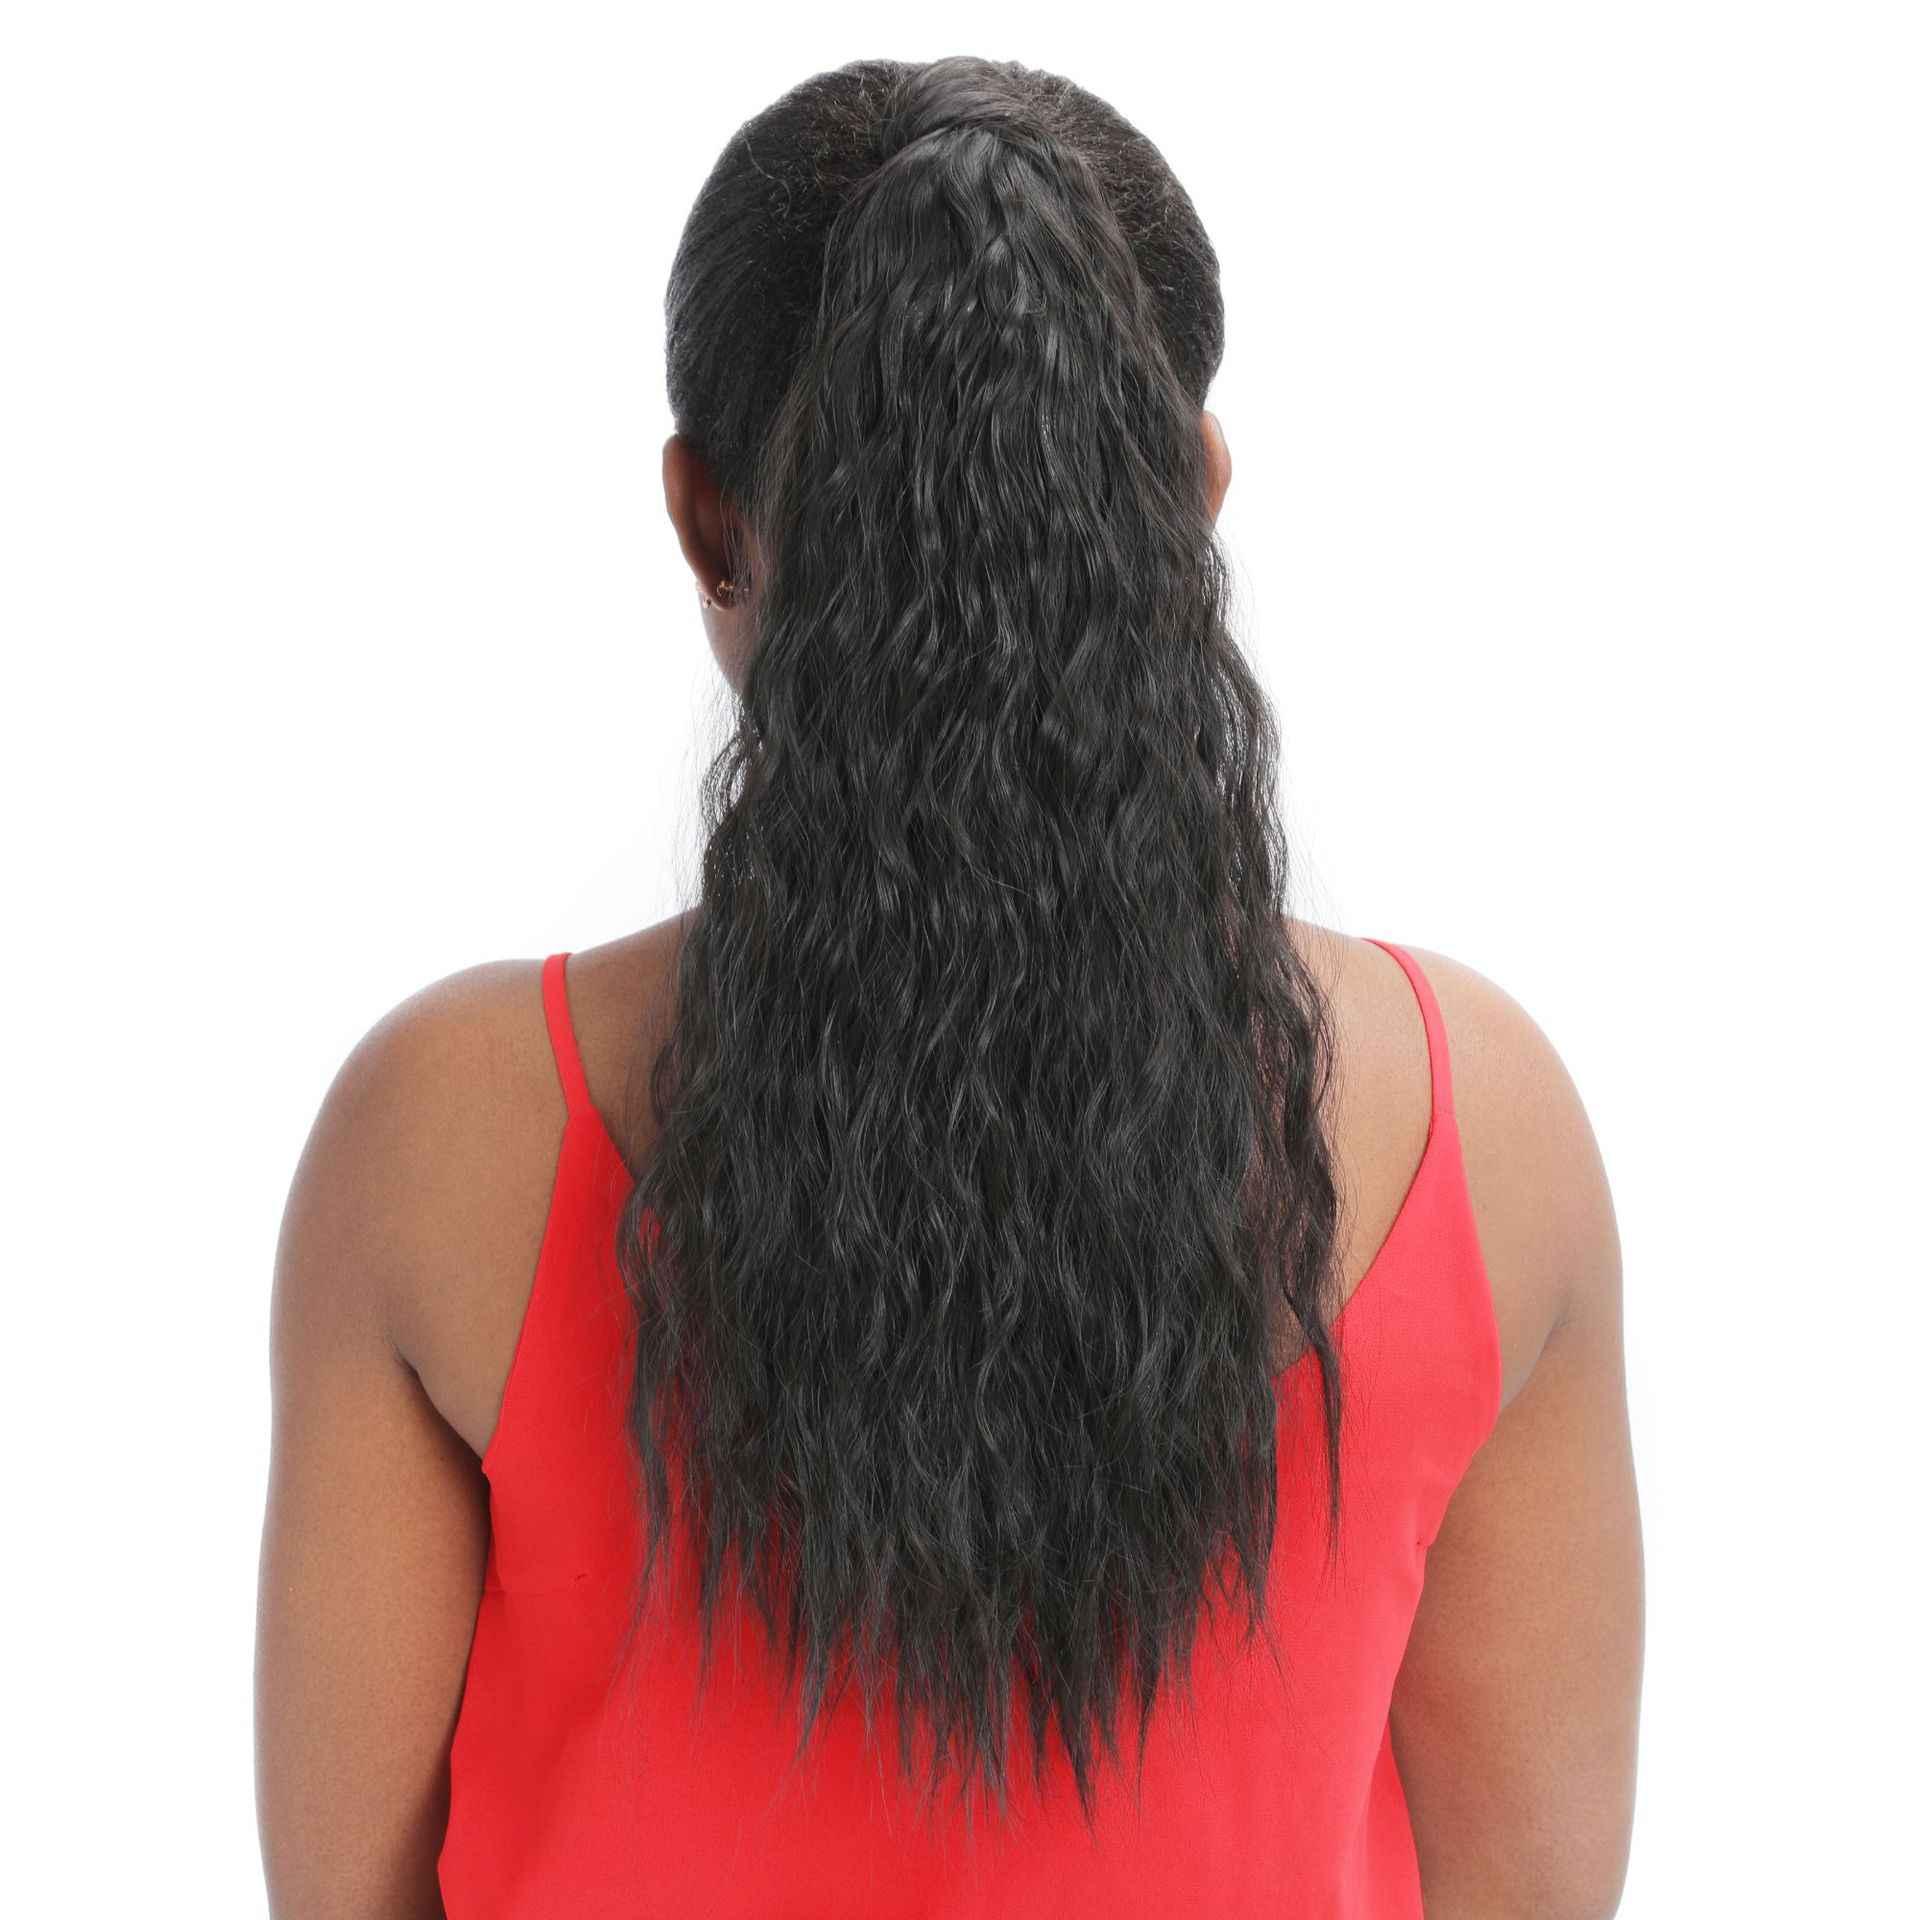 Corn Curly Wellenförmige Lange Kordelzug Pferdeschwanz Ombre Braun Pony Schwanz Blonde Fack Haar Synthetische Haarteil Wrap auf Clip Haar Extensions